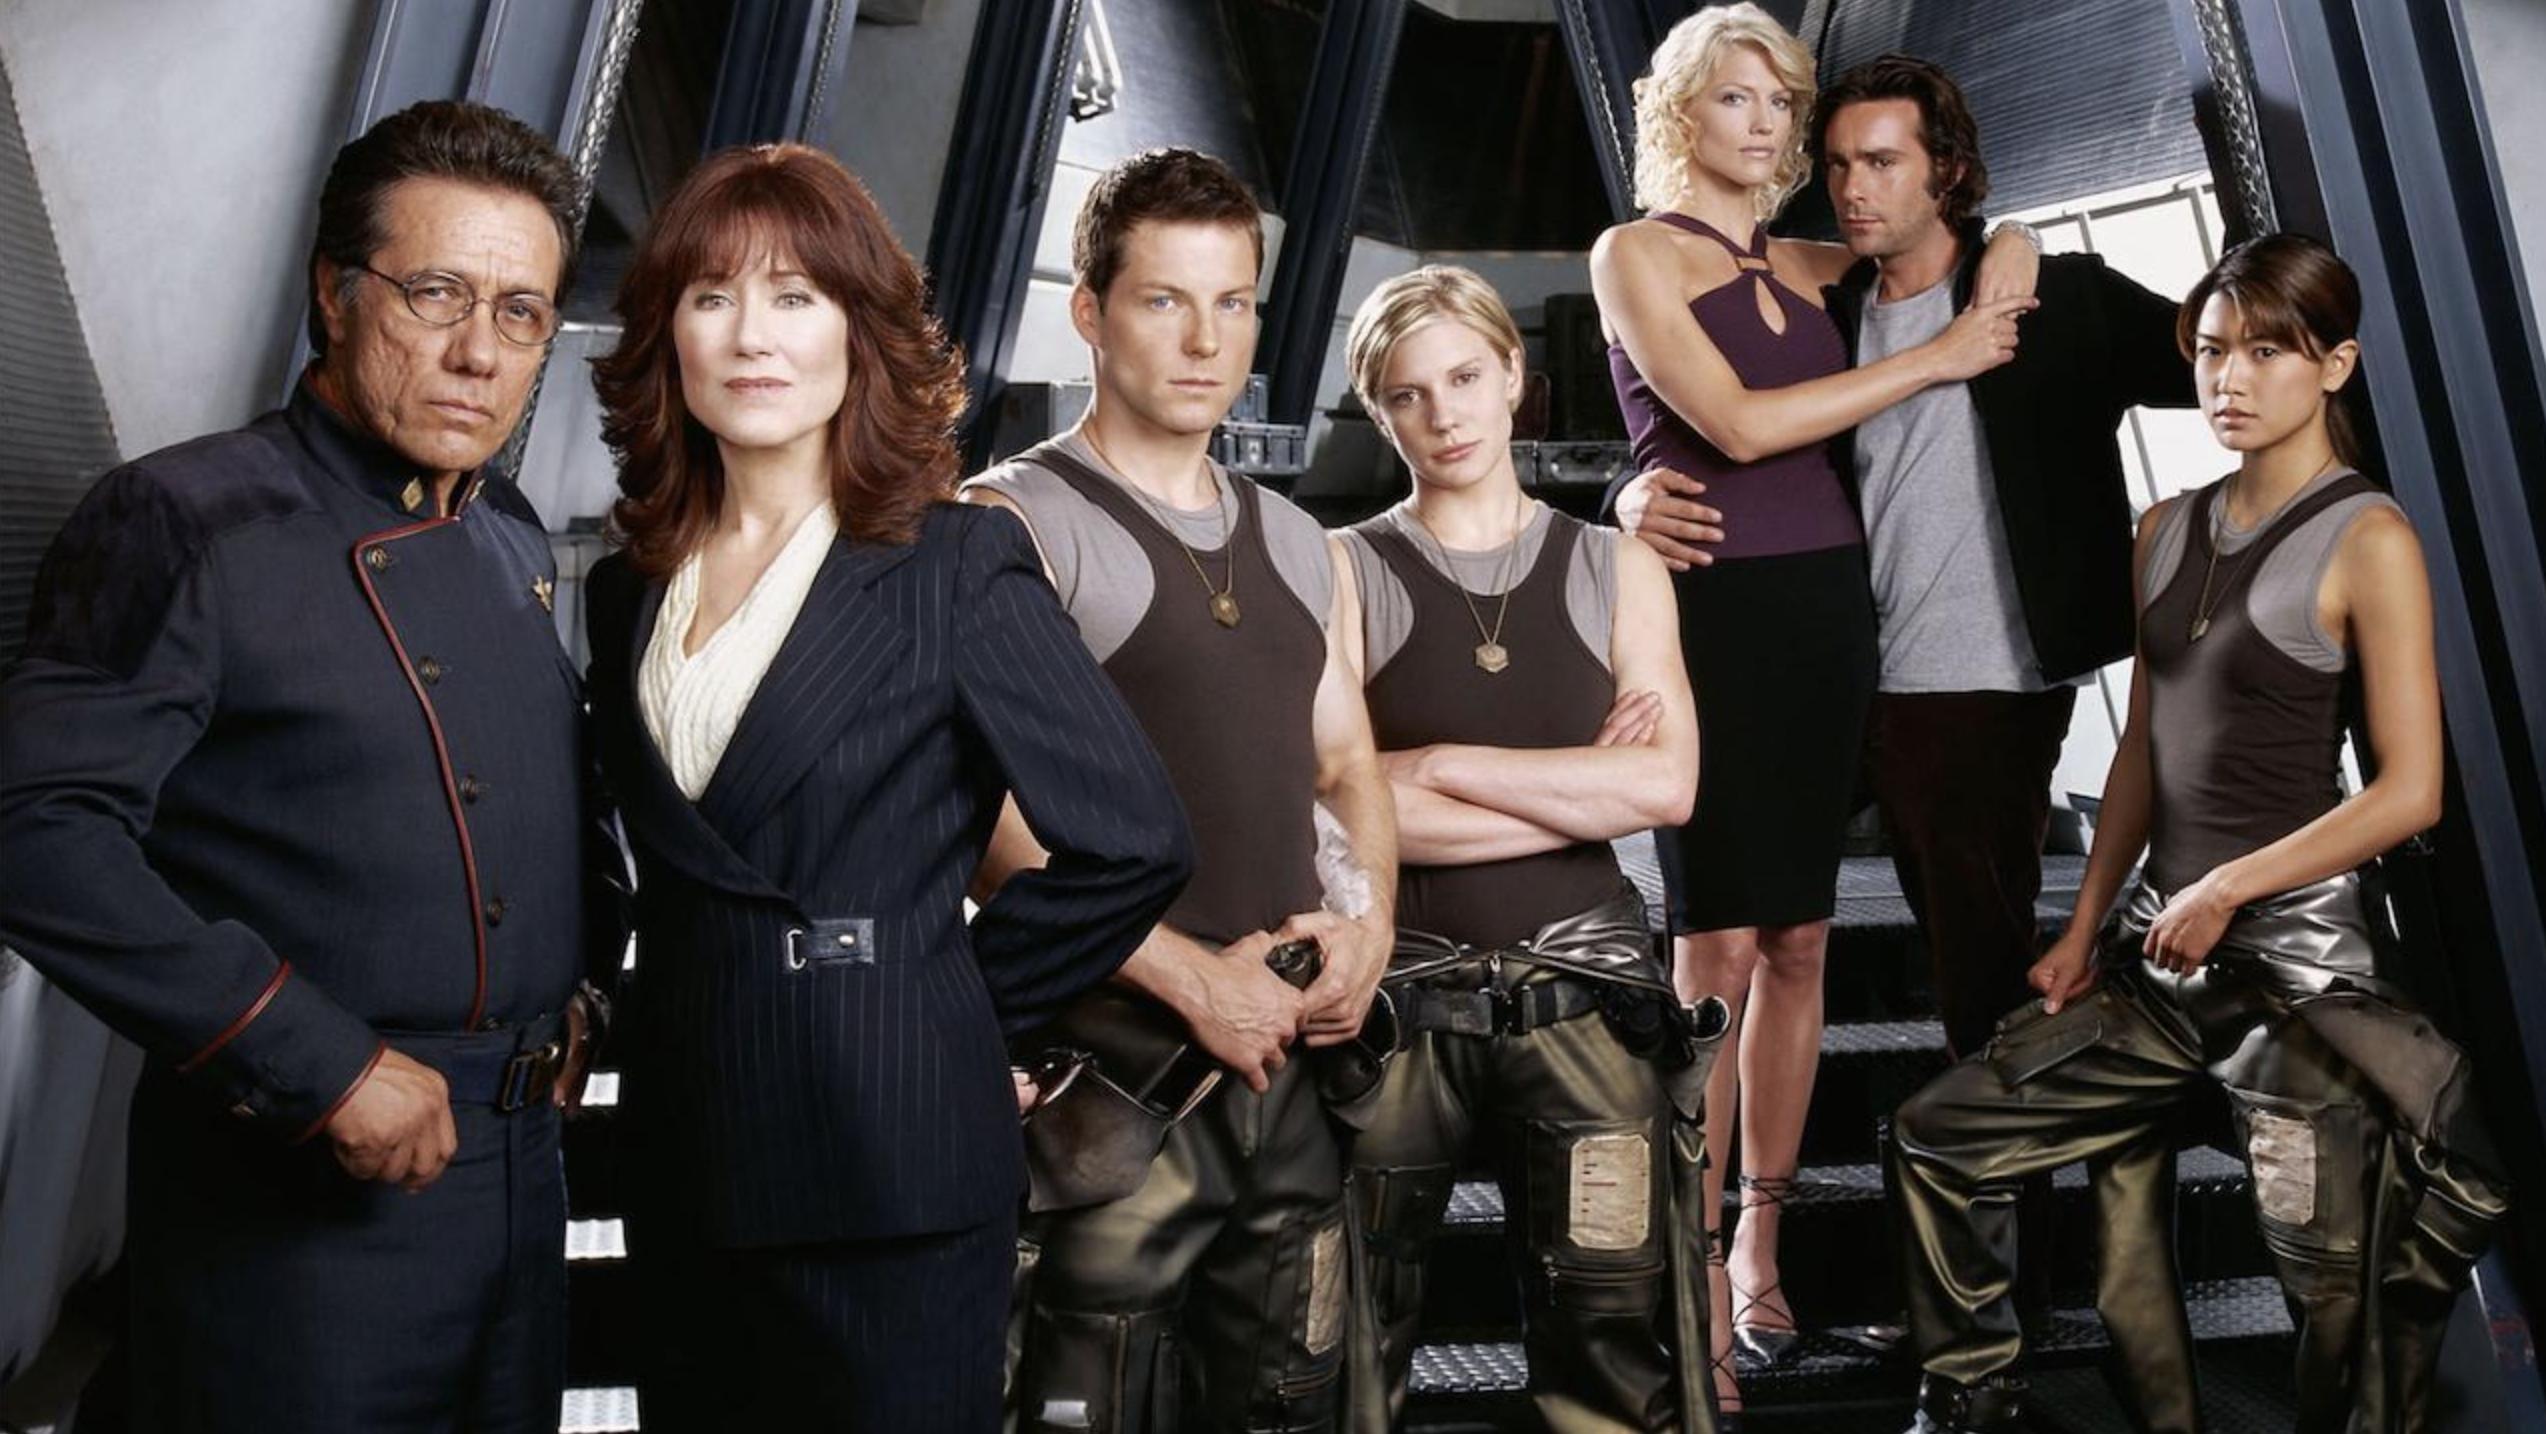 Battlestar Galactica : un reboot au cinéma est en préparation - CinéSéries